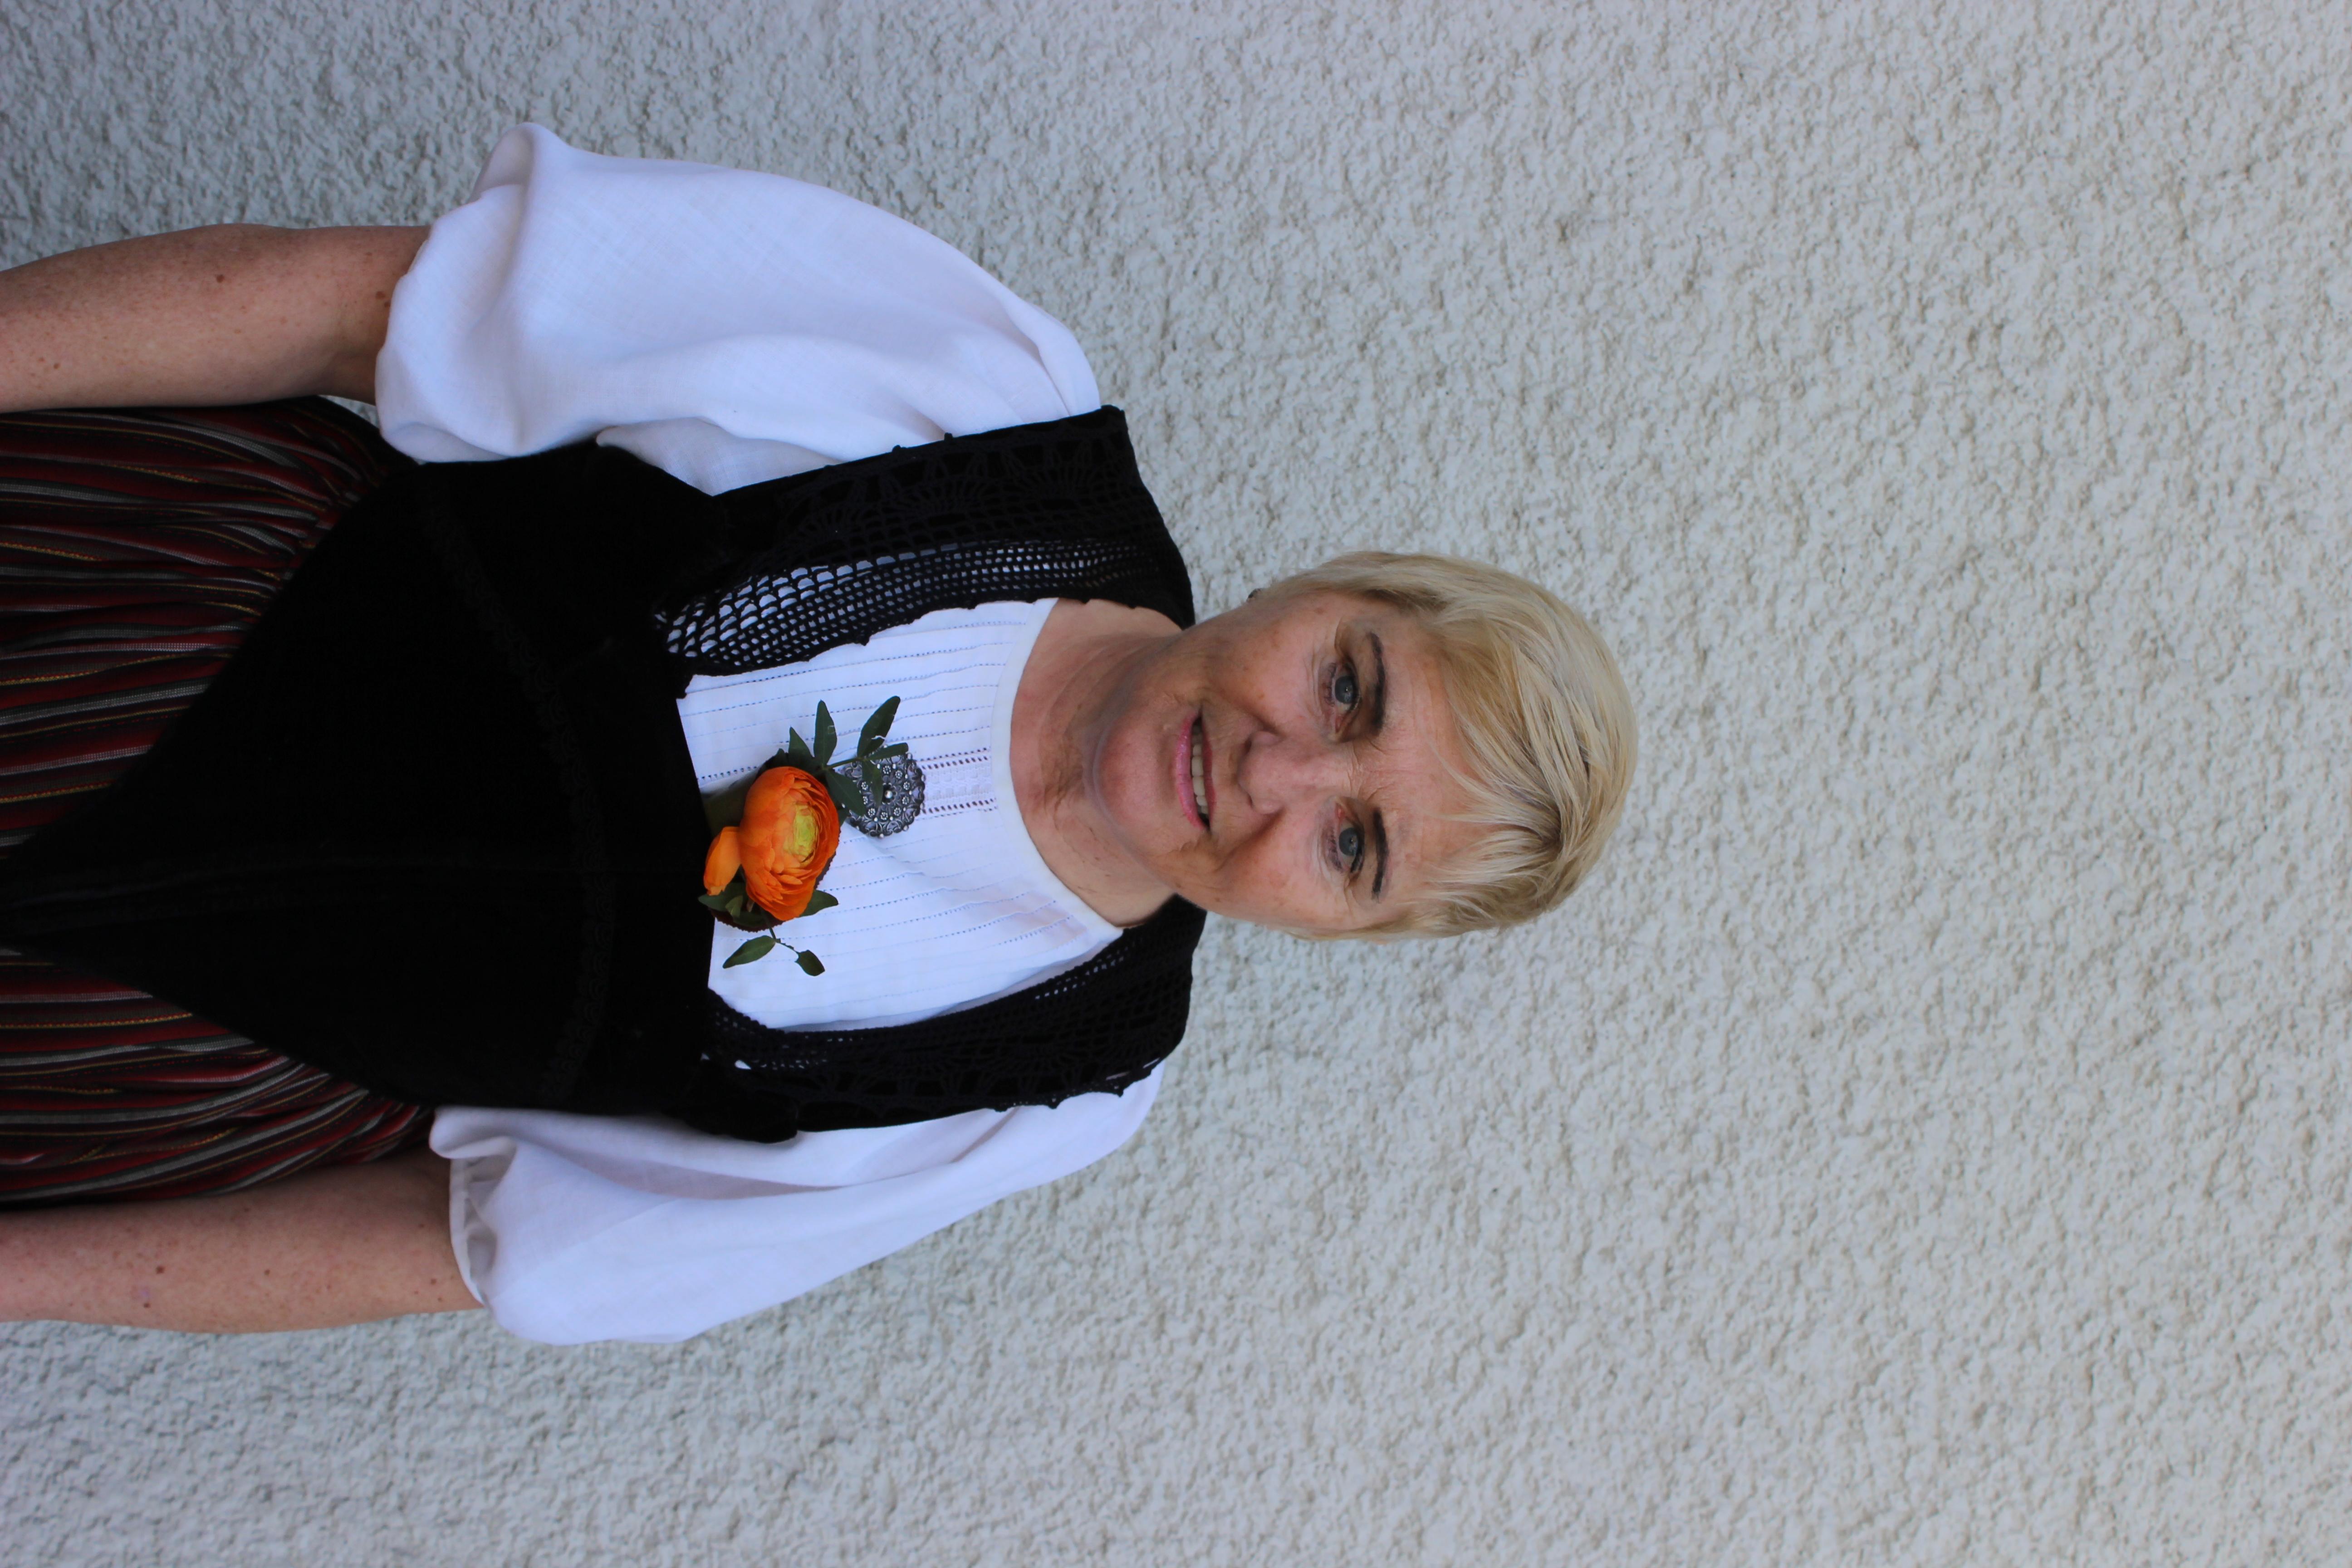 Maria Fuchs